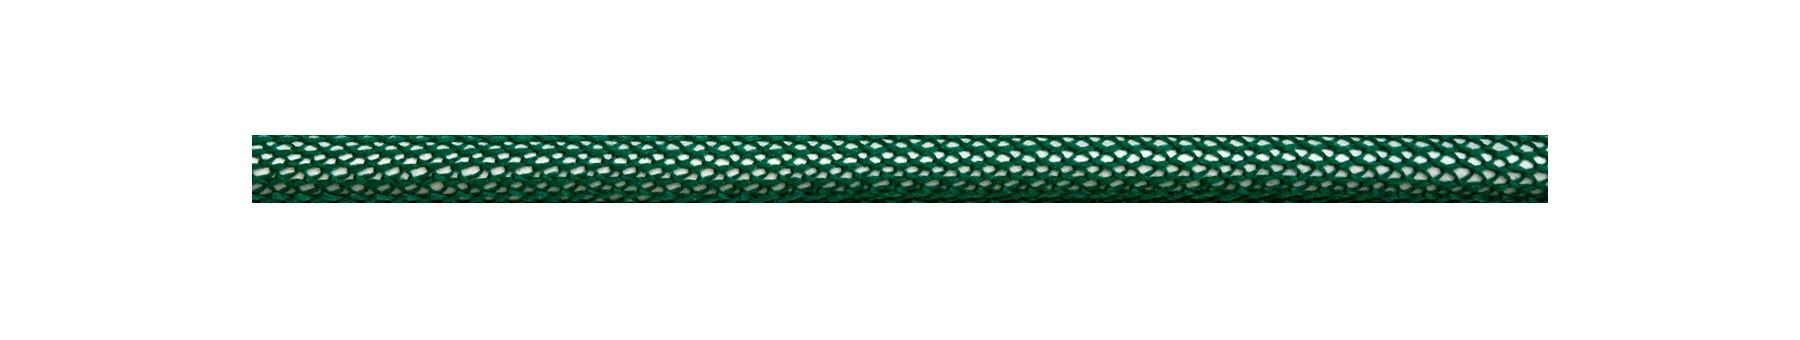 Textilkabel Grün-Weiß Netzartiger Textilmantel